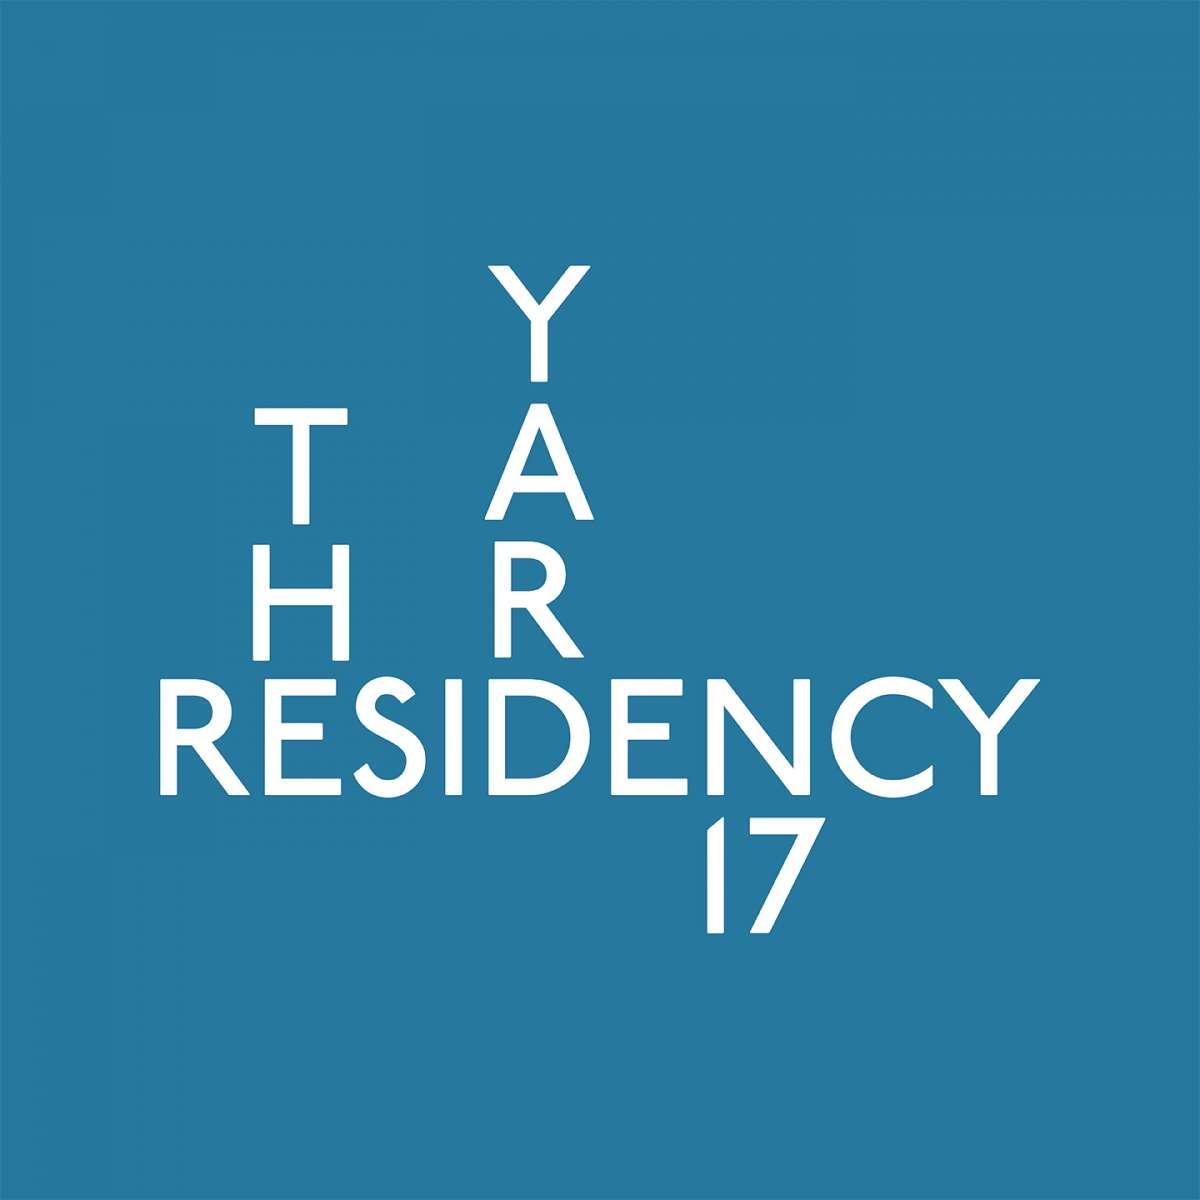 yard17